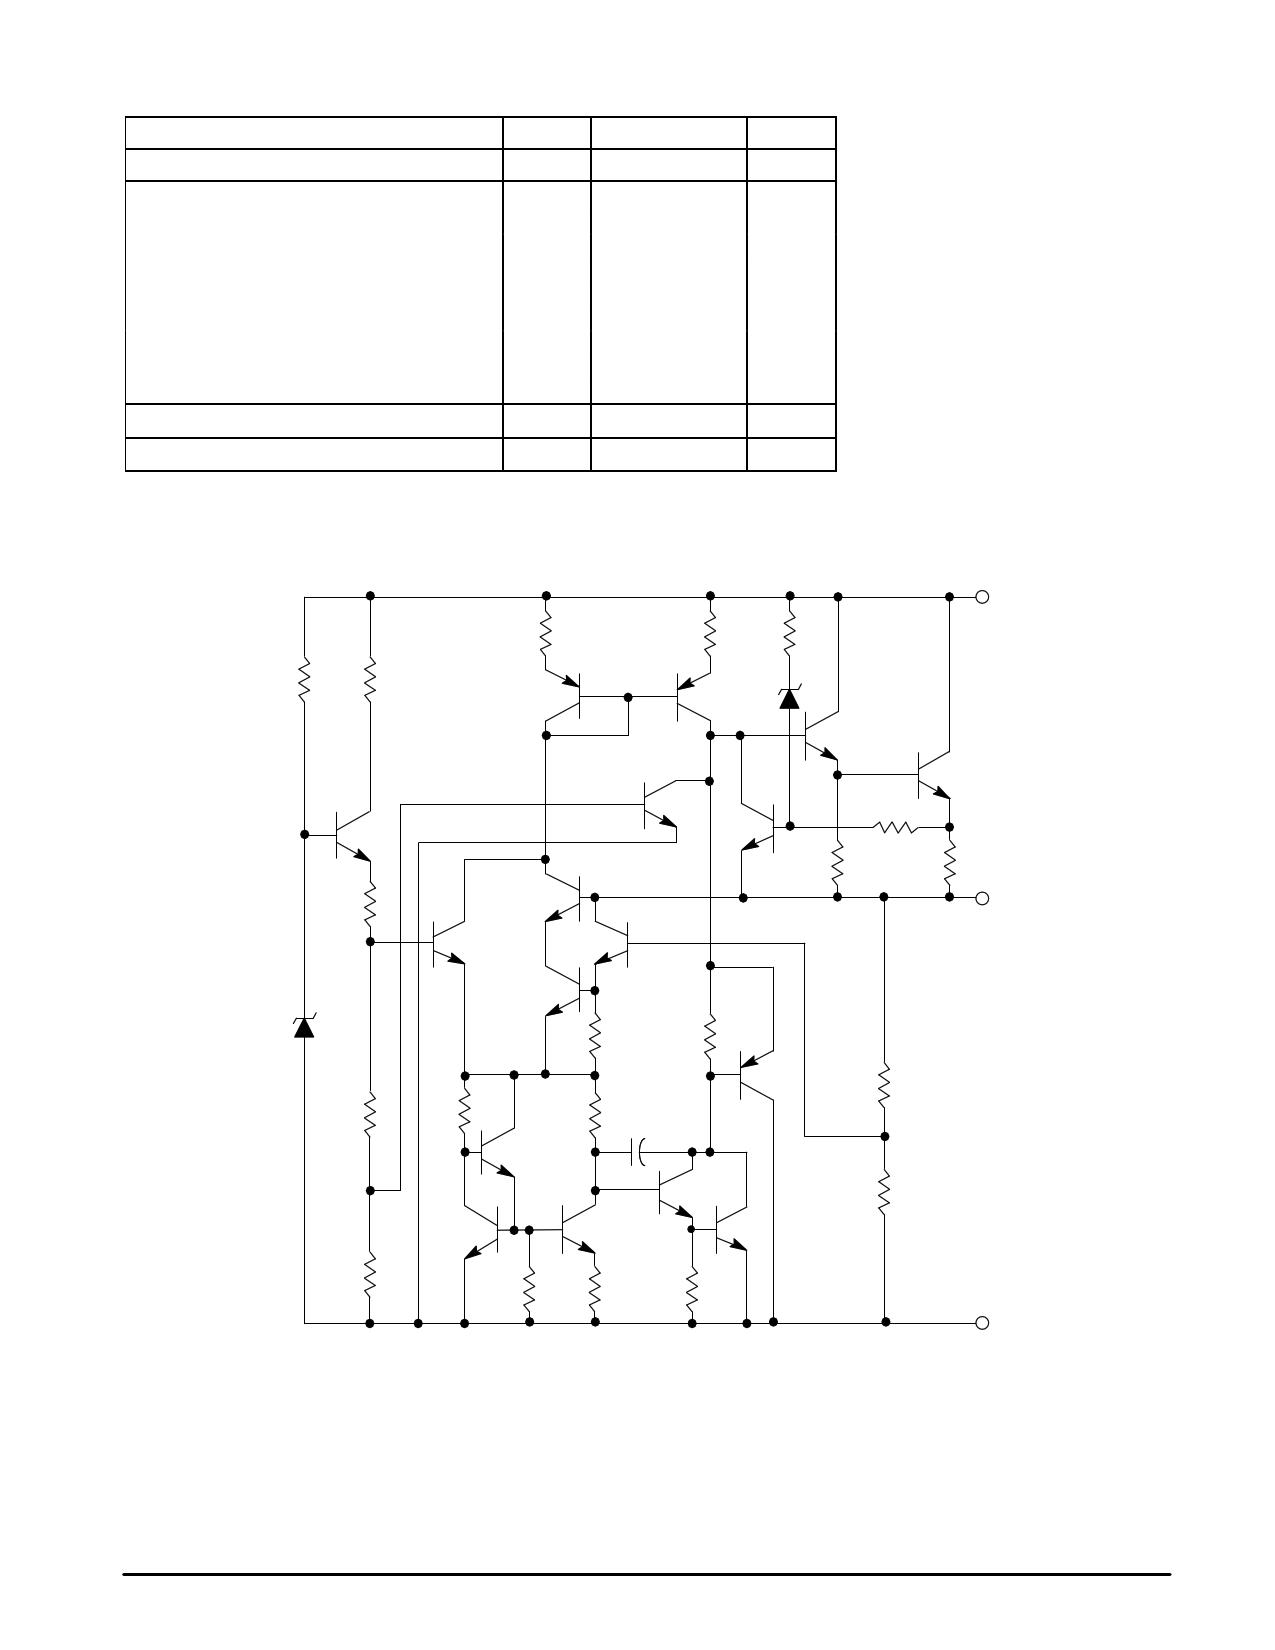 T7812CT pdf pinout